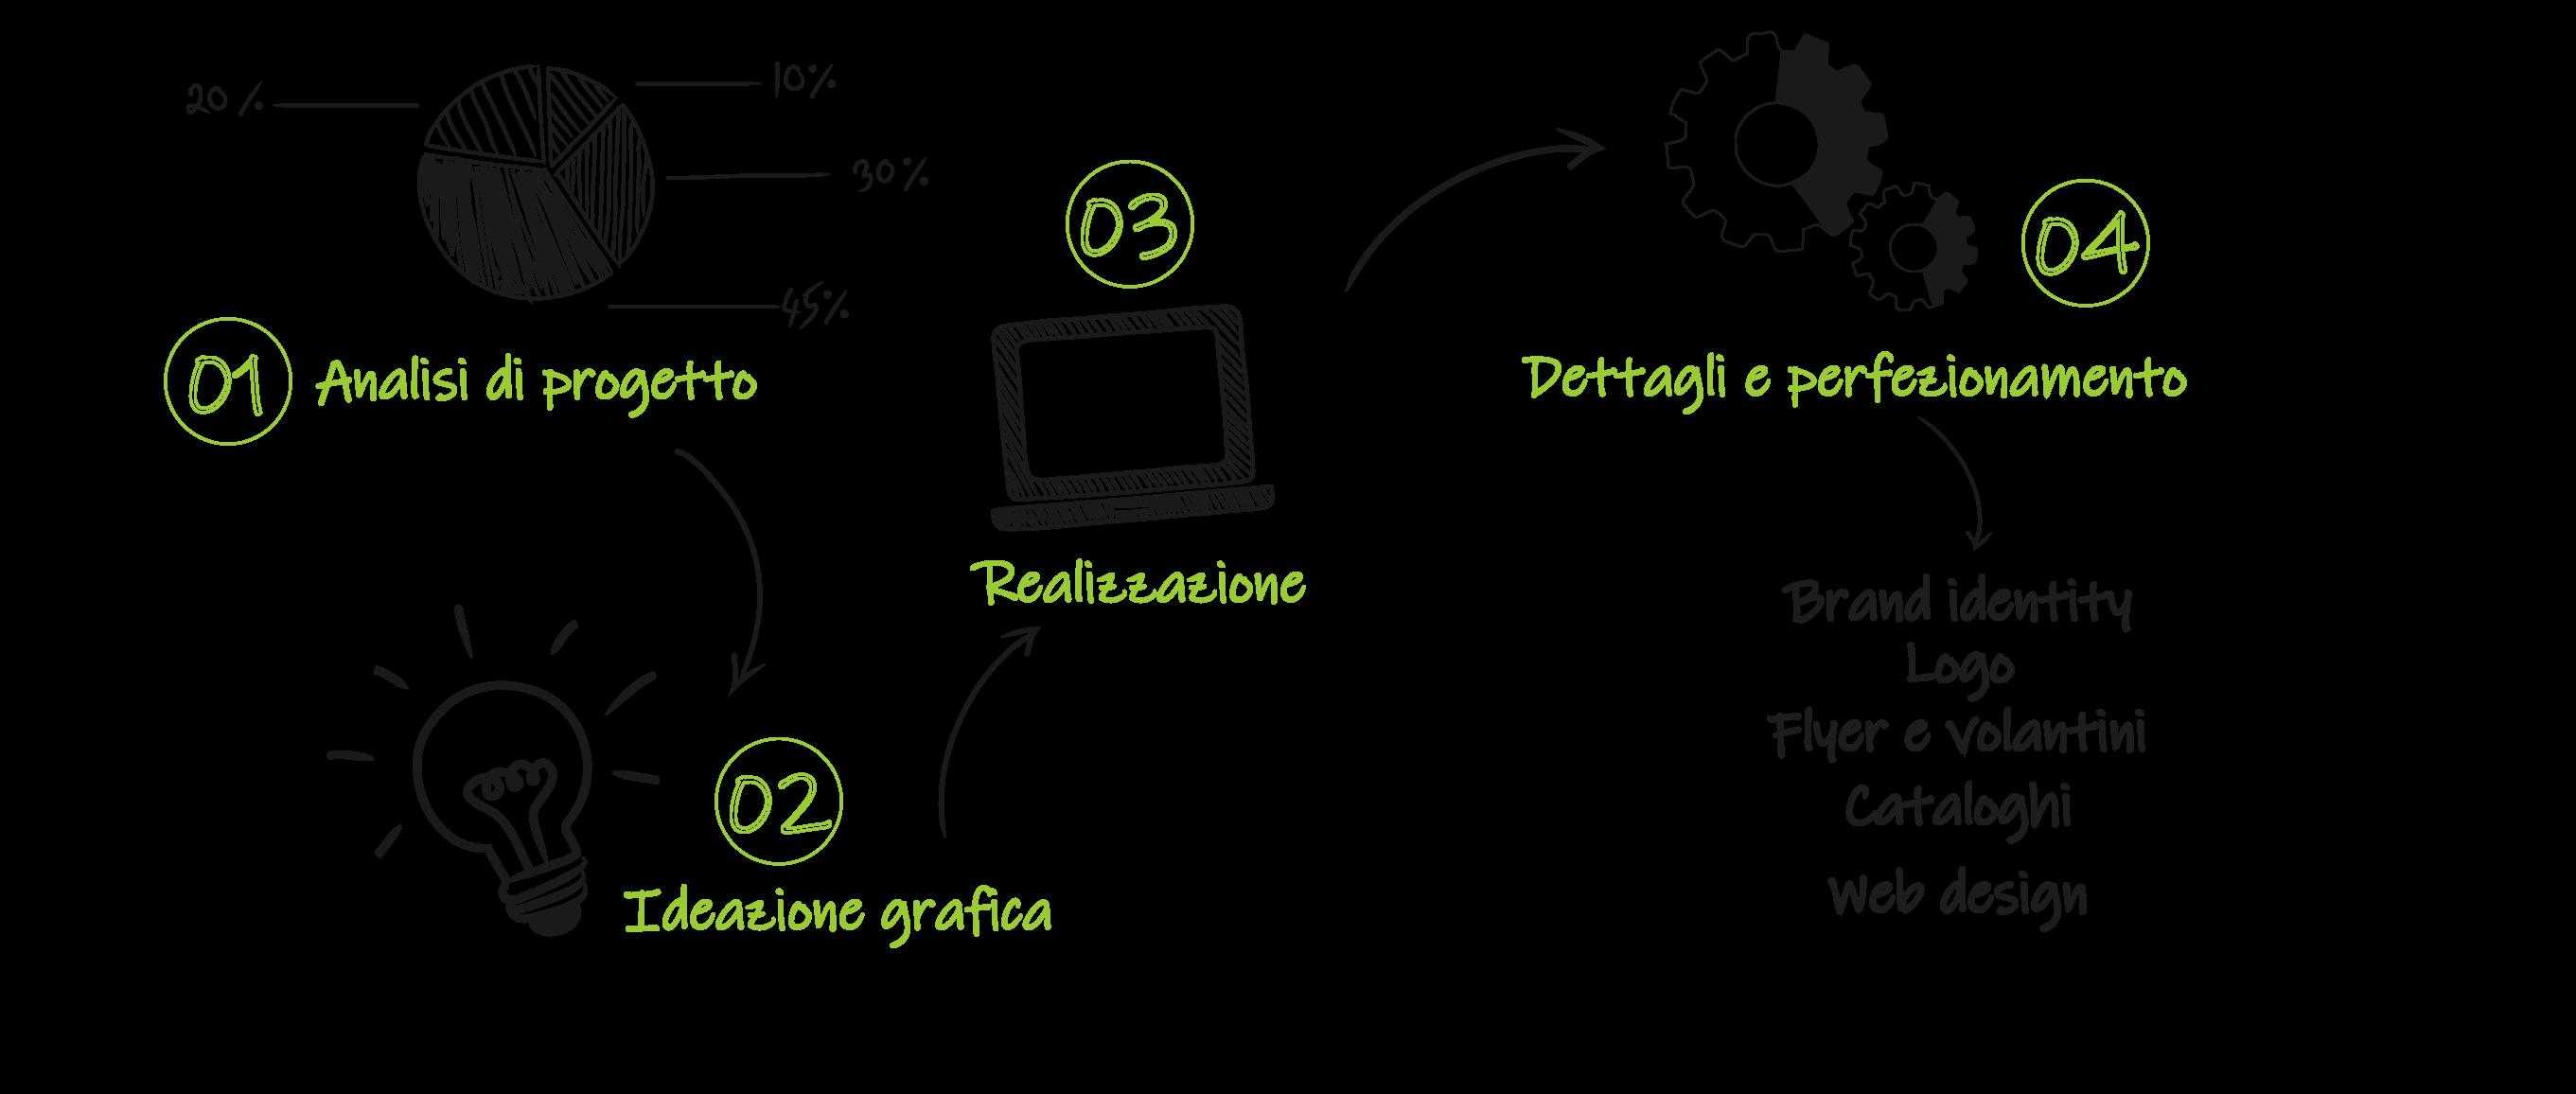 Processo di sviluppo di un piano di lavoro per la realizzazione grafica